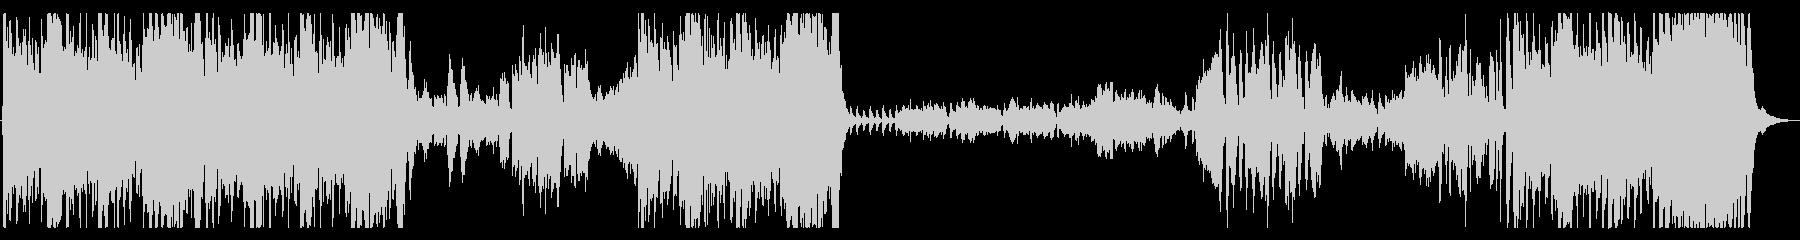 カルメンの前奏曲の未再生の波形